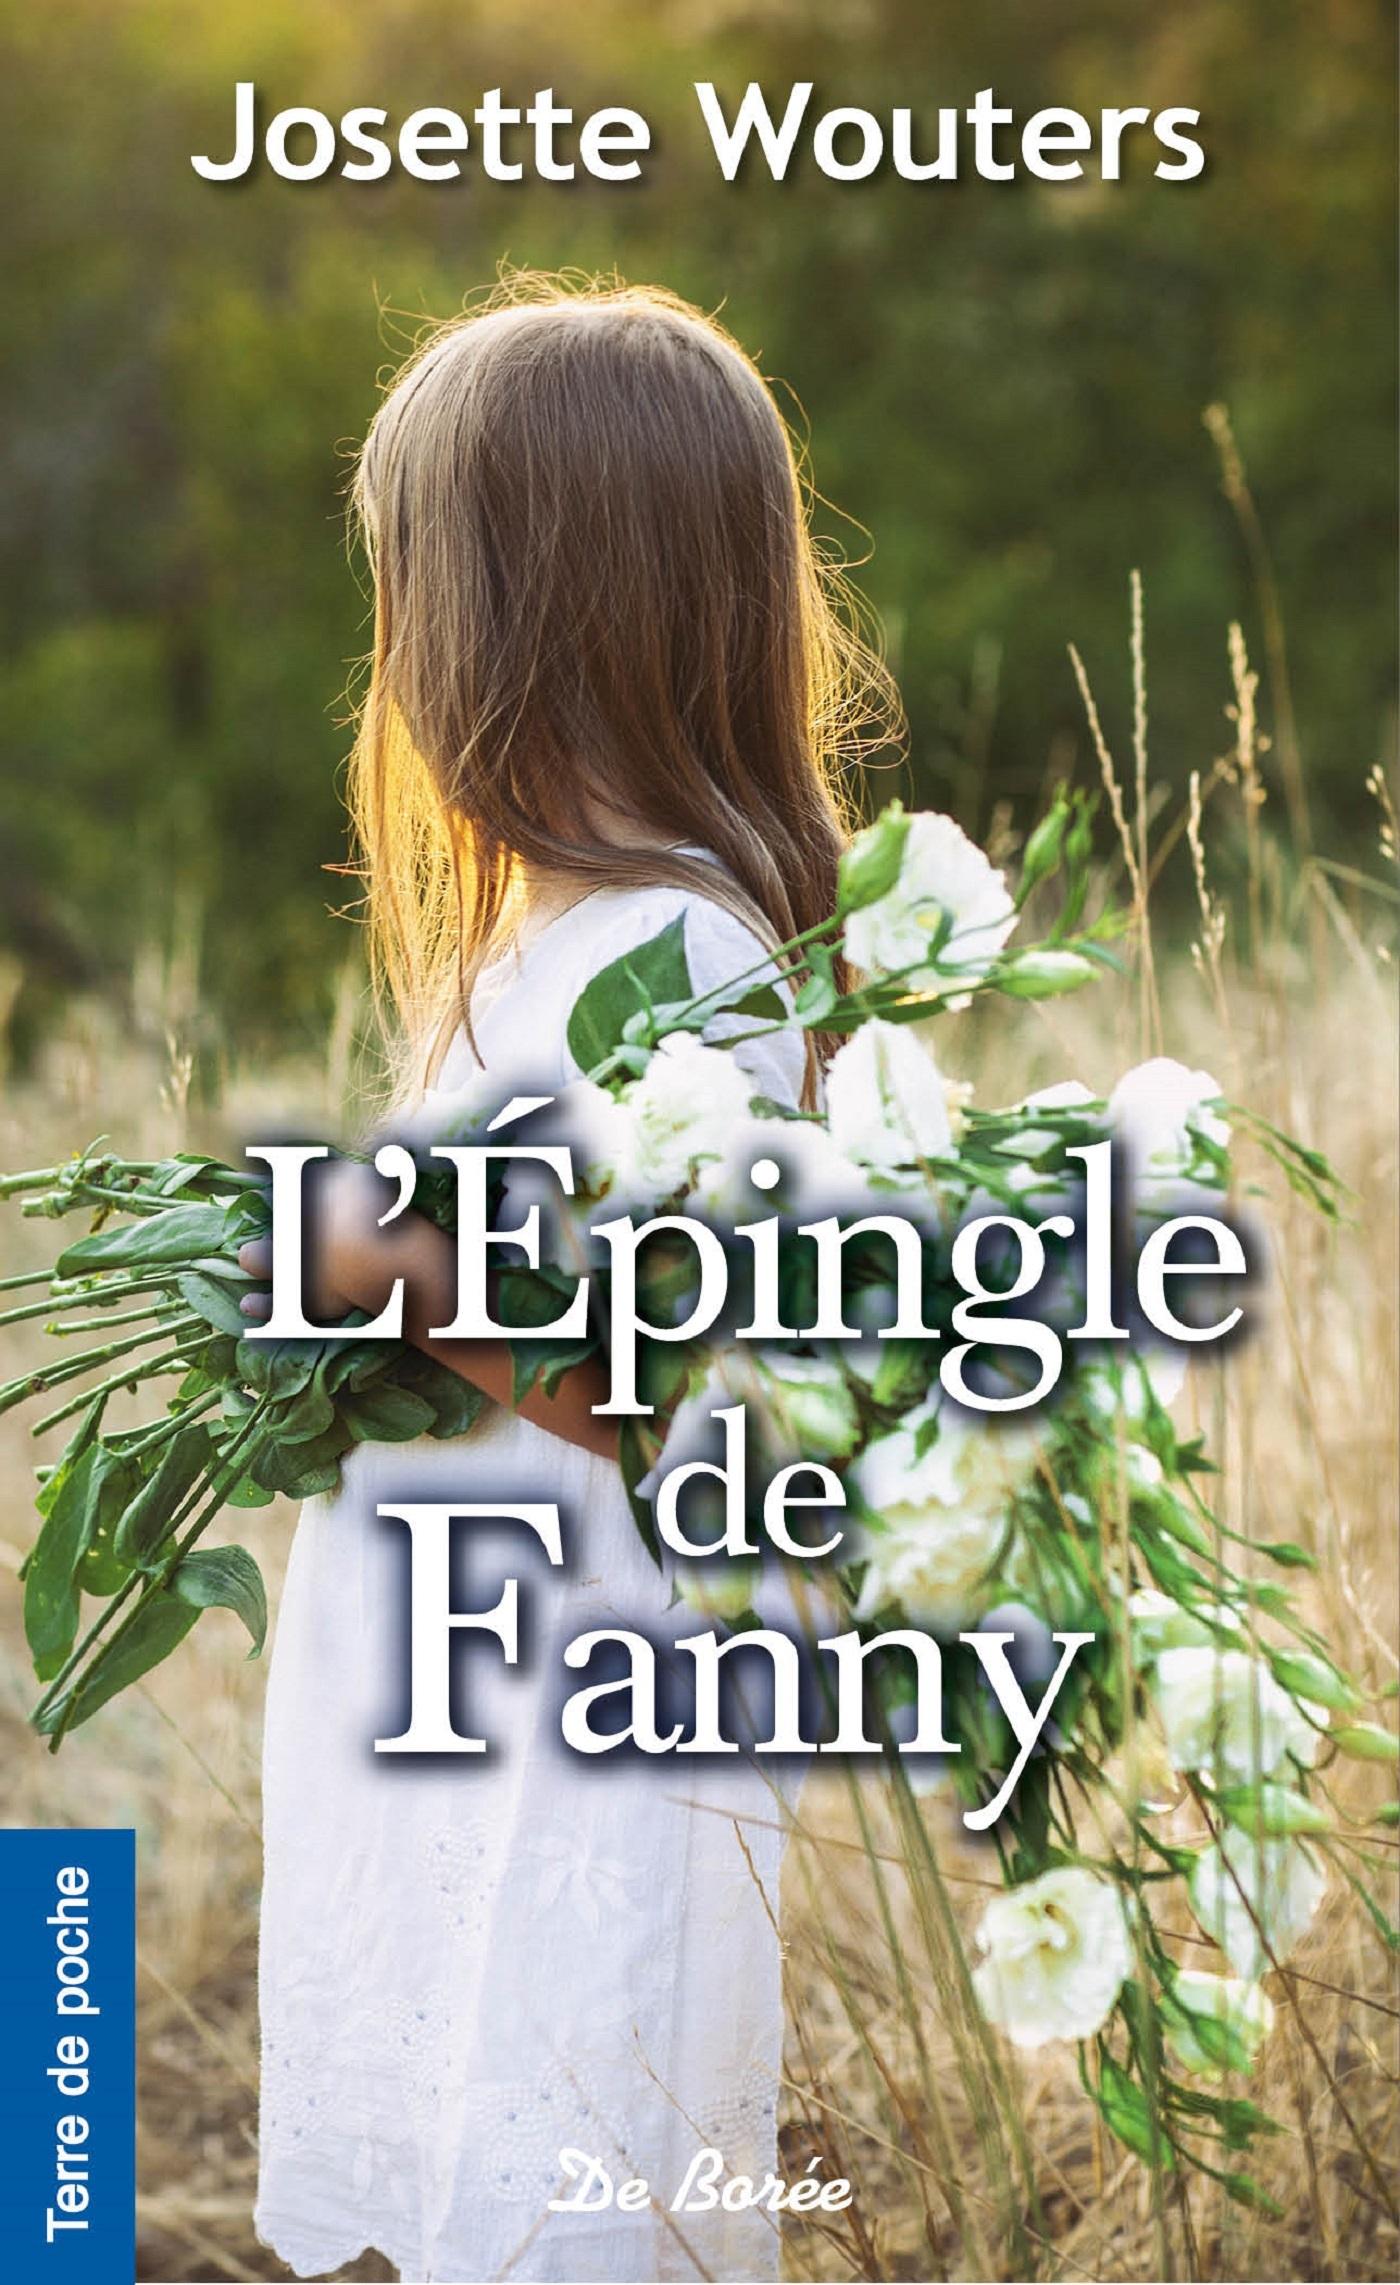 EPINGLE DE FANNY (L)